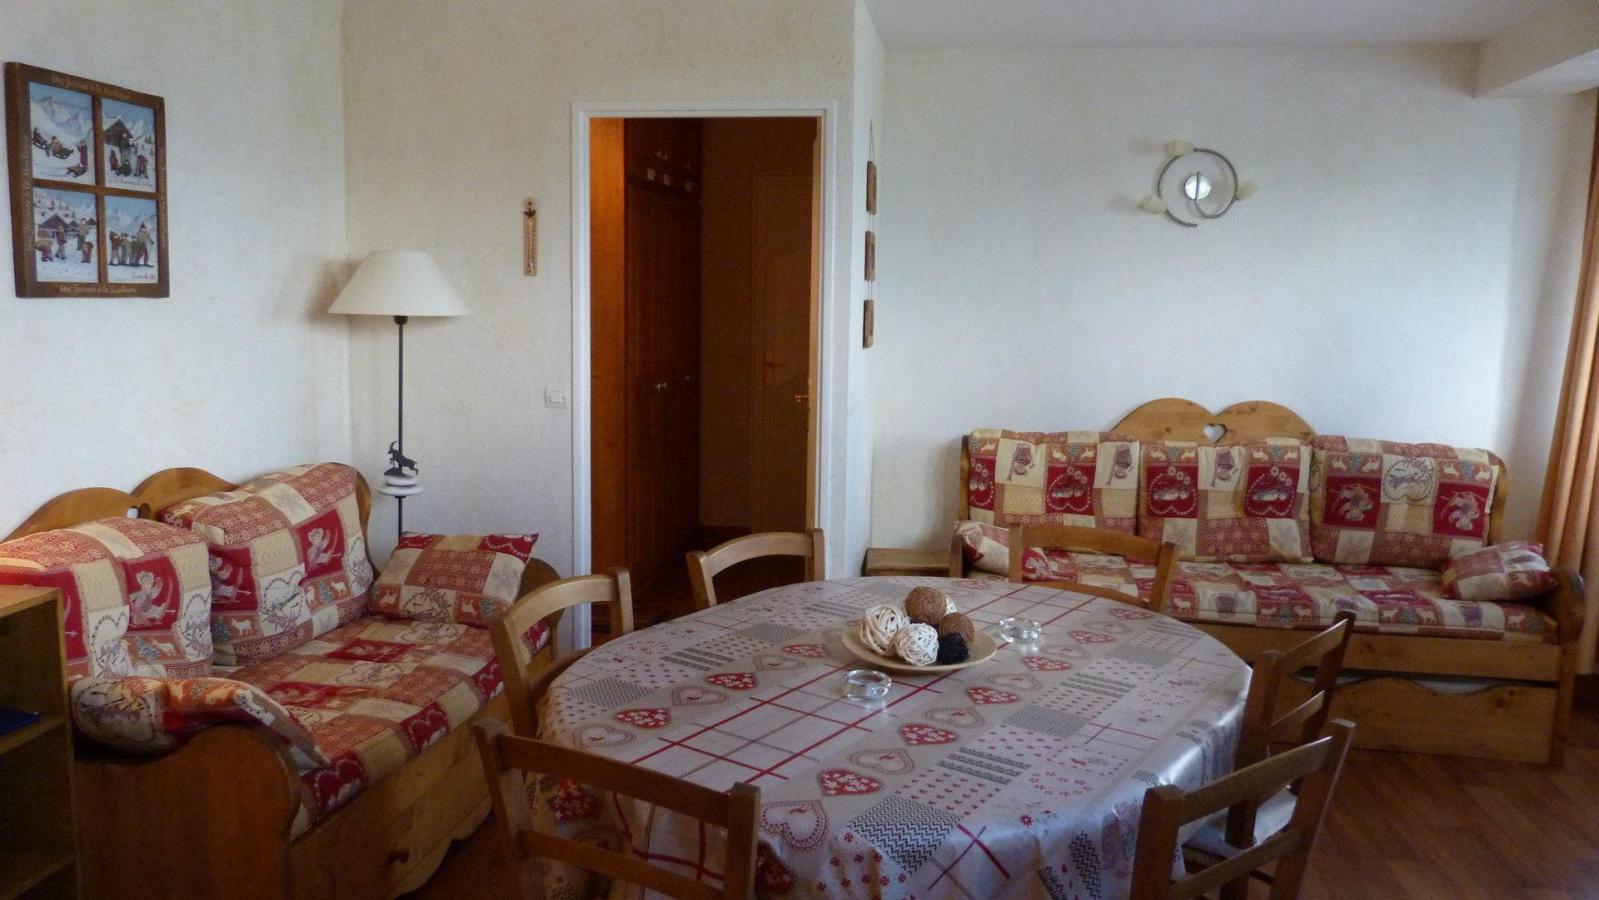 Location au ski Appartement 3 pièces 6 personnes (907) - Residence Le Ruitor - Les Arcs - Kitchenette